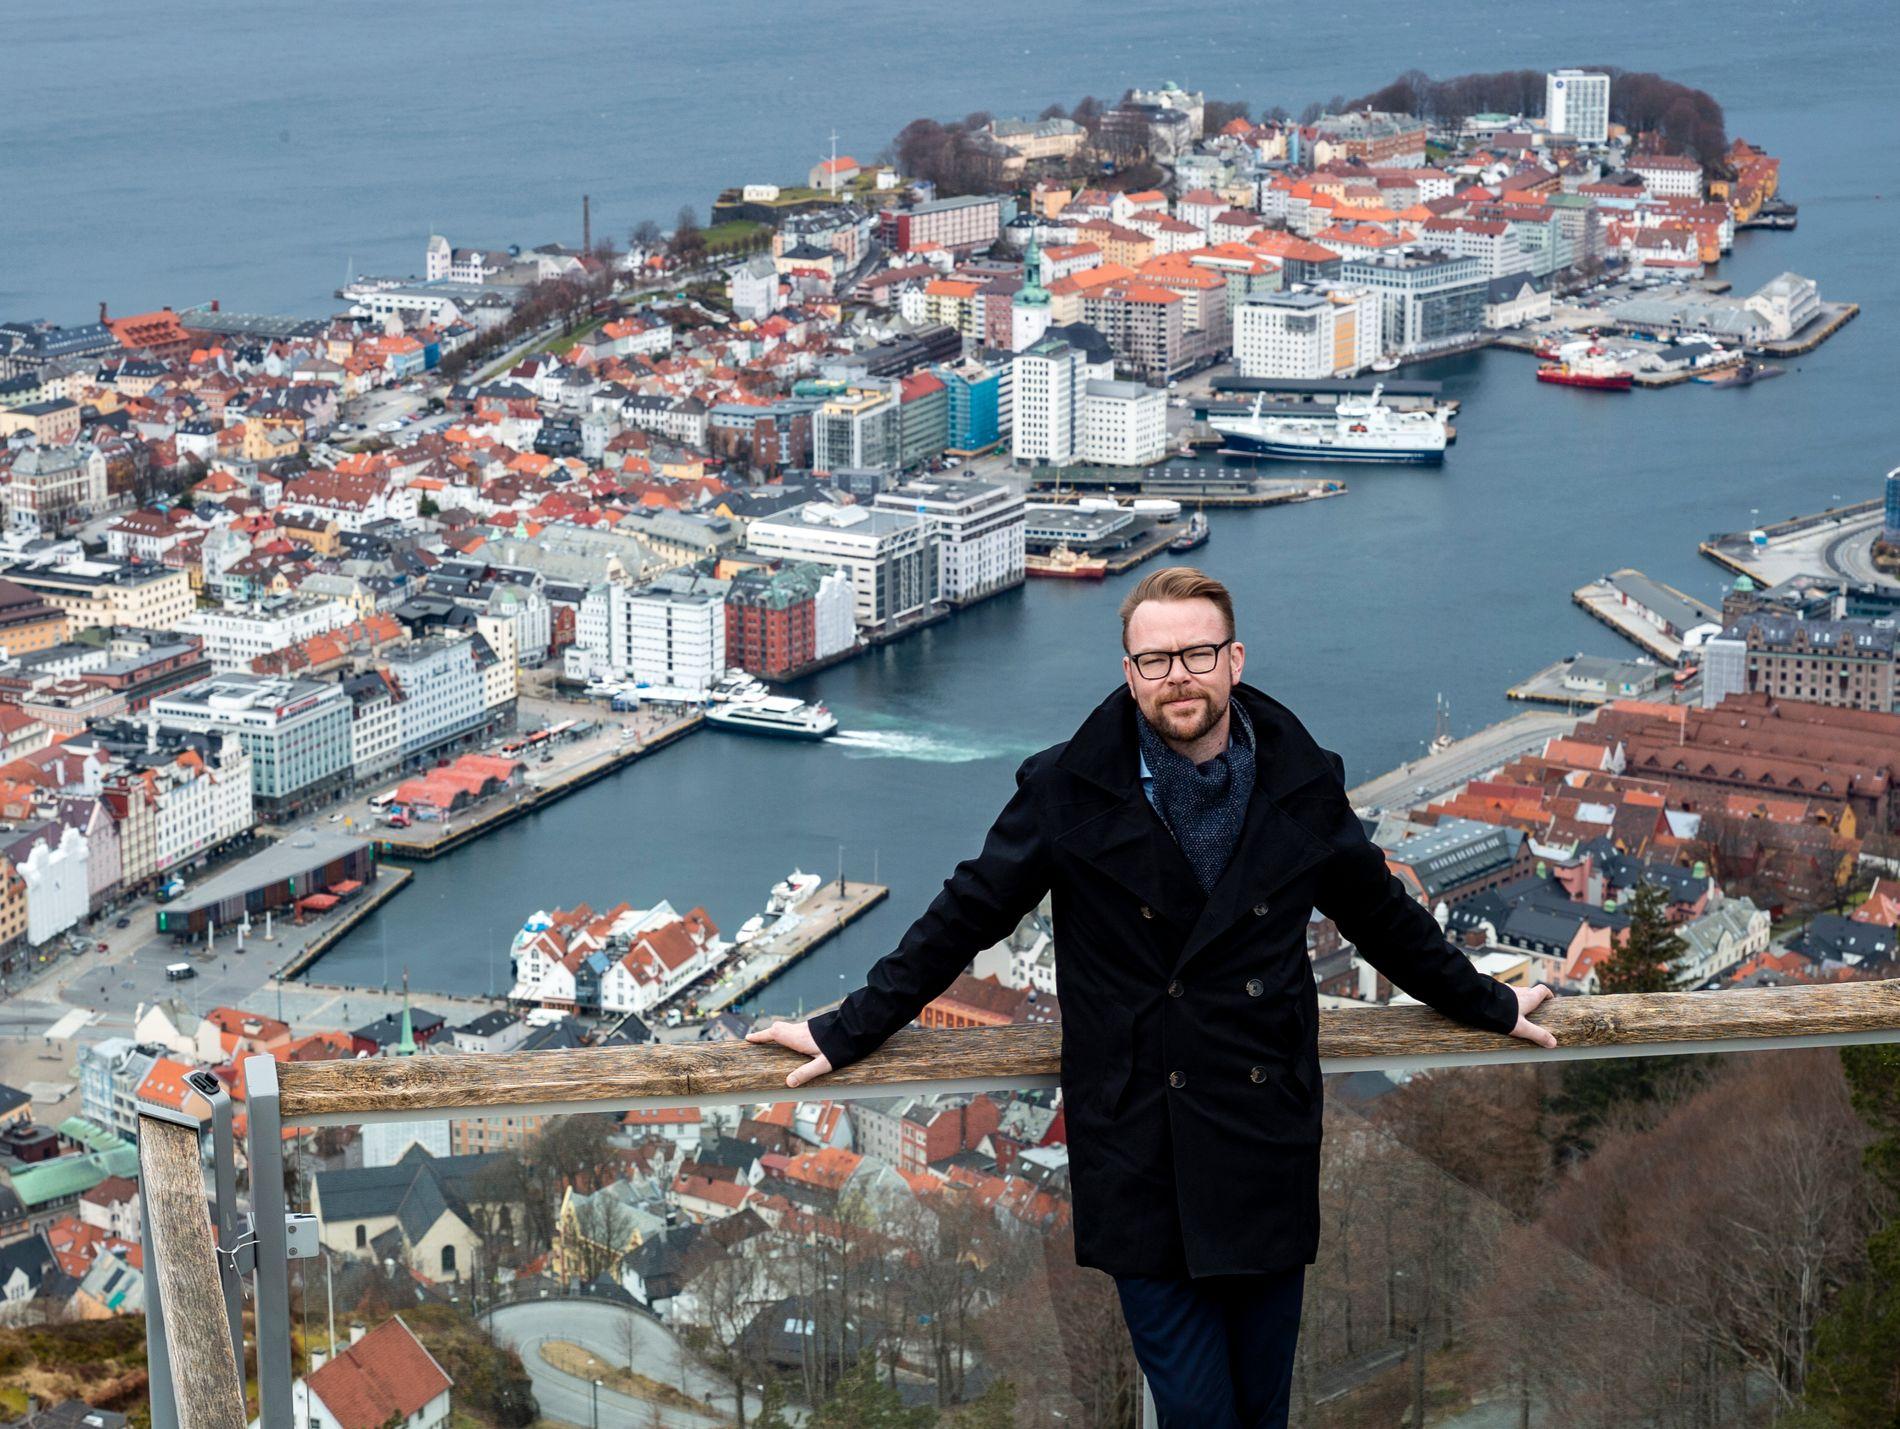 FORHANDLE: Venstresiden i Bergenspolitikken vokser, og ingen må tro at de ikke vil ha en hånd på rattet og en fot på gasspedalen om dette blir valgresultatet, skriver Harald Victor Hove (H).